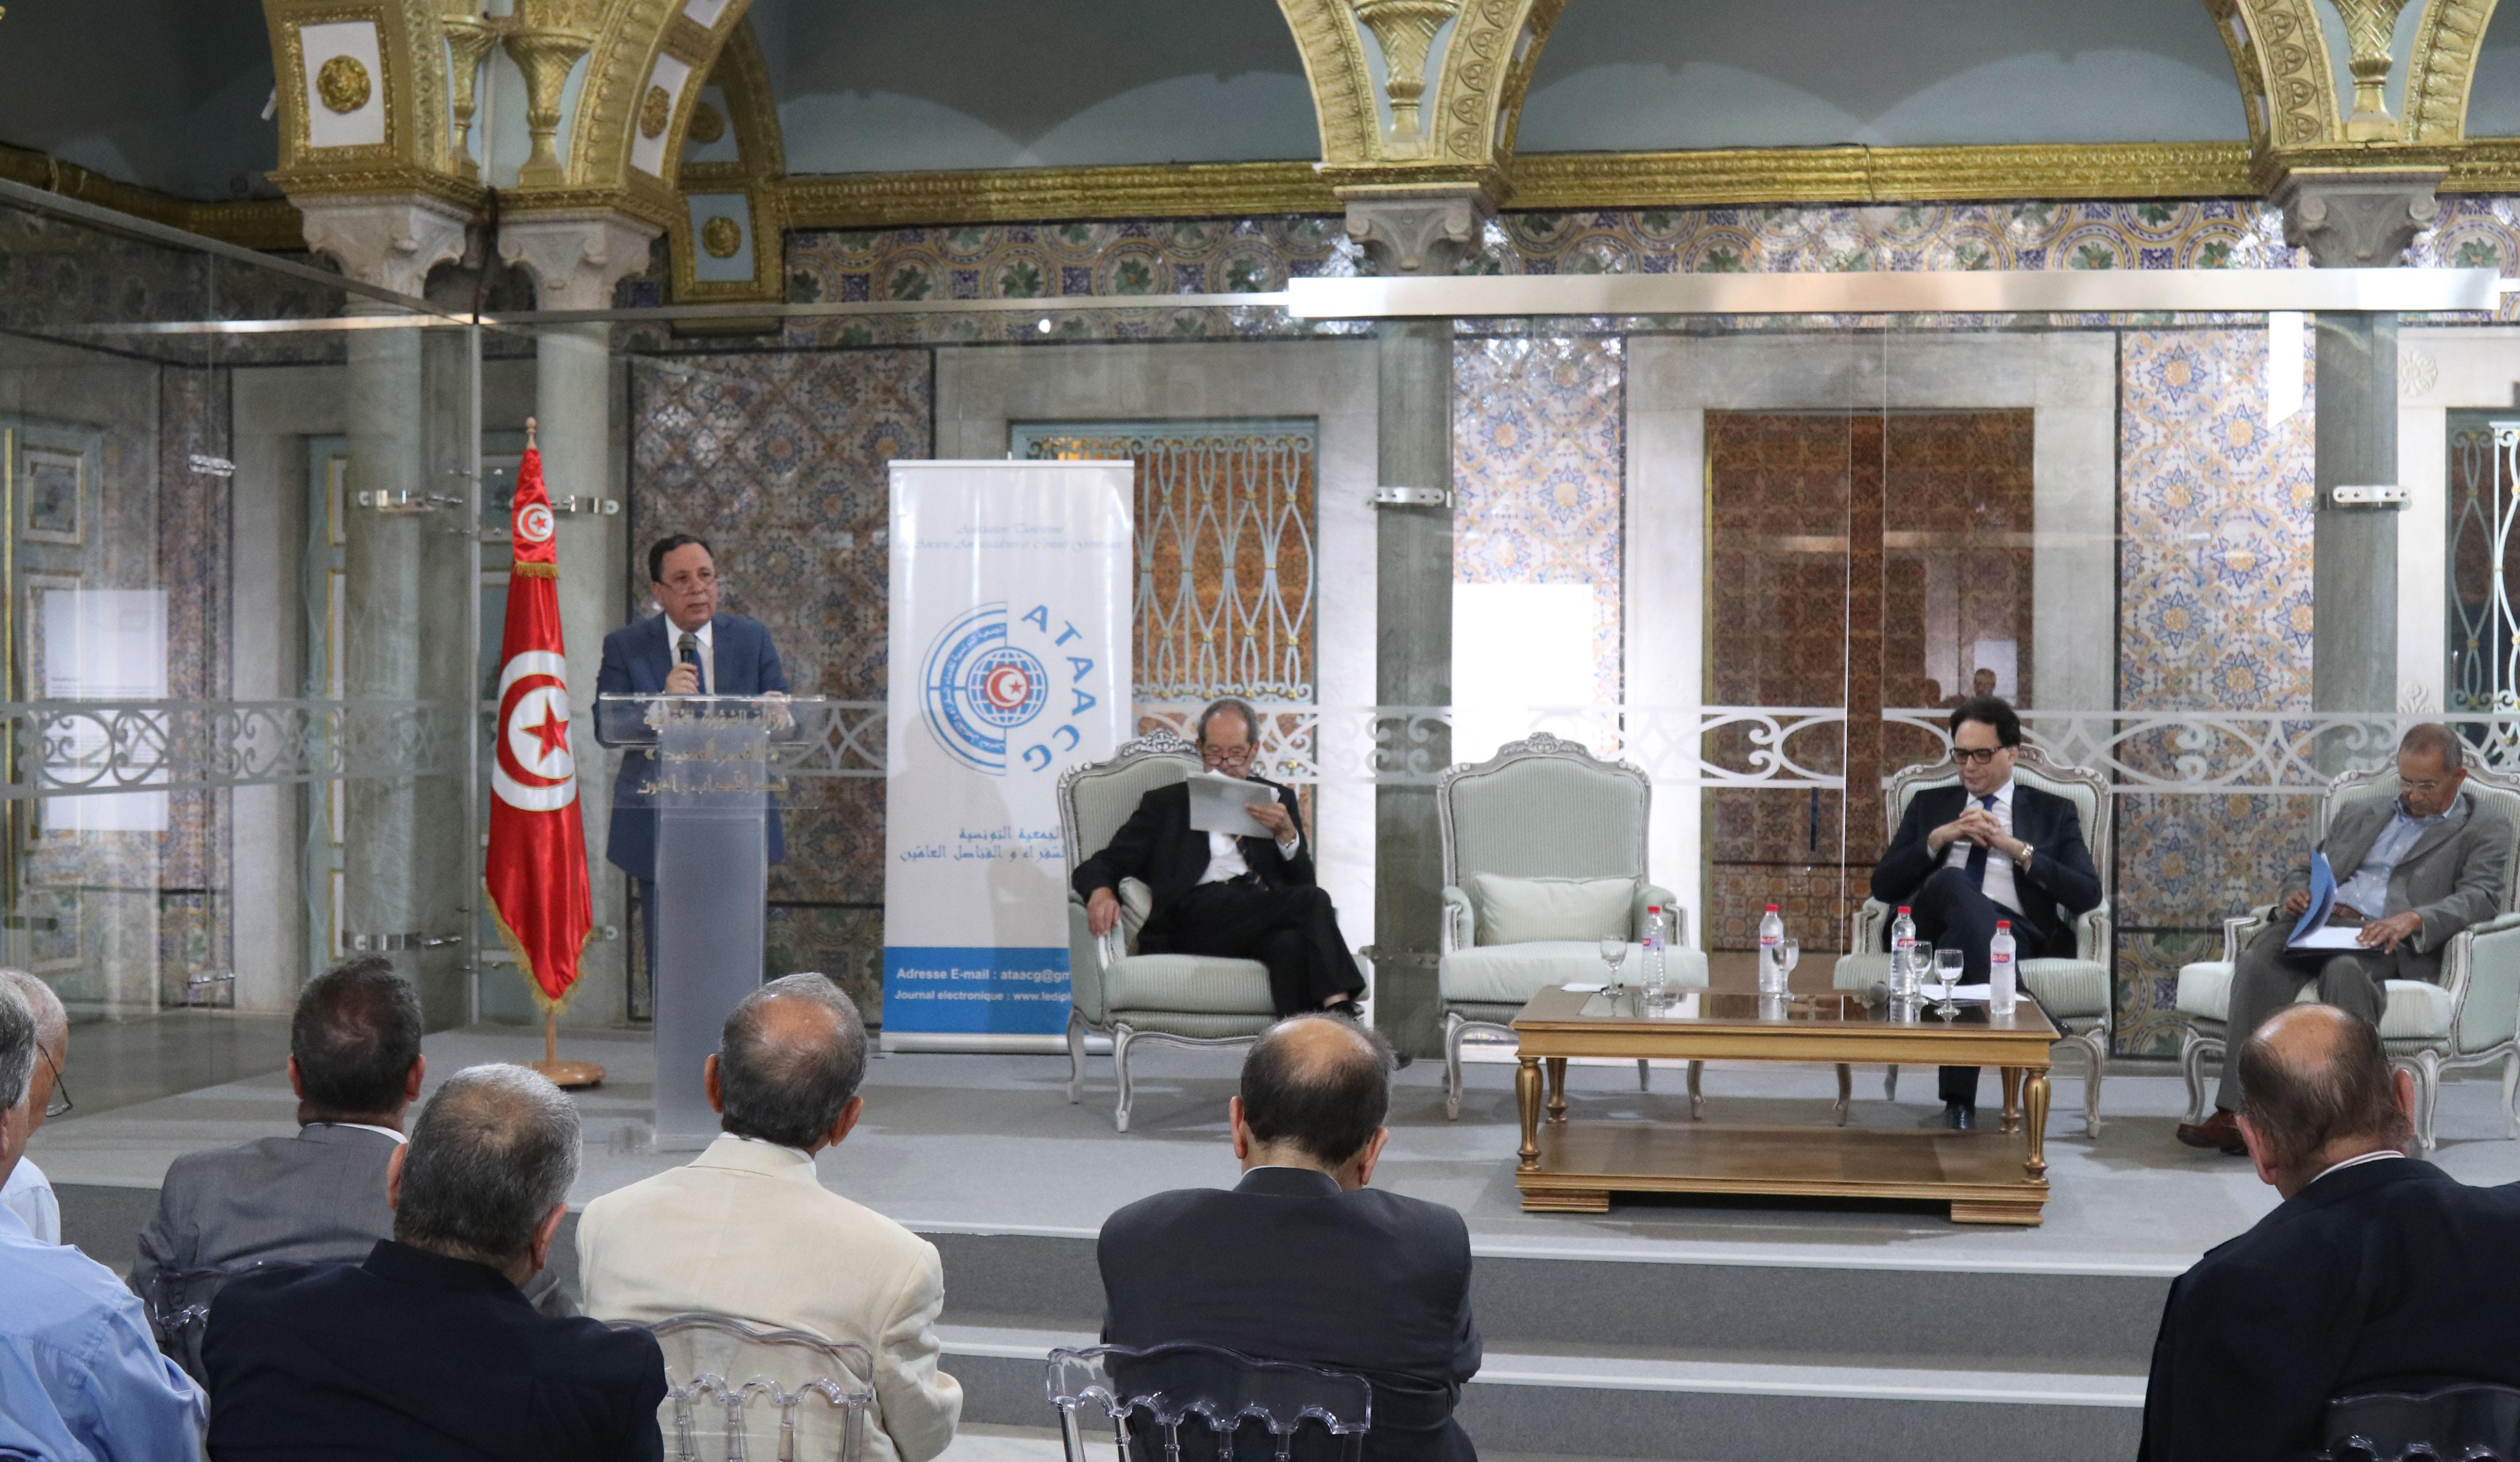 وزير الخارجية يؤكد على أهمية استثمار ما تزخر تونس به من مقومات حضارية وثقافية ومخزون تراثي لخدمة الأهداف التنموية: